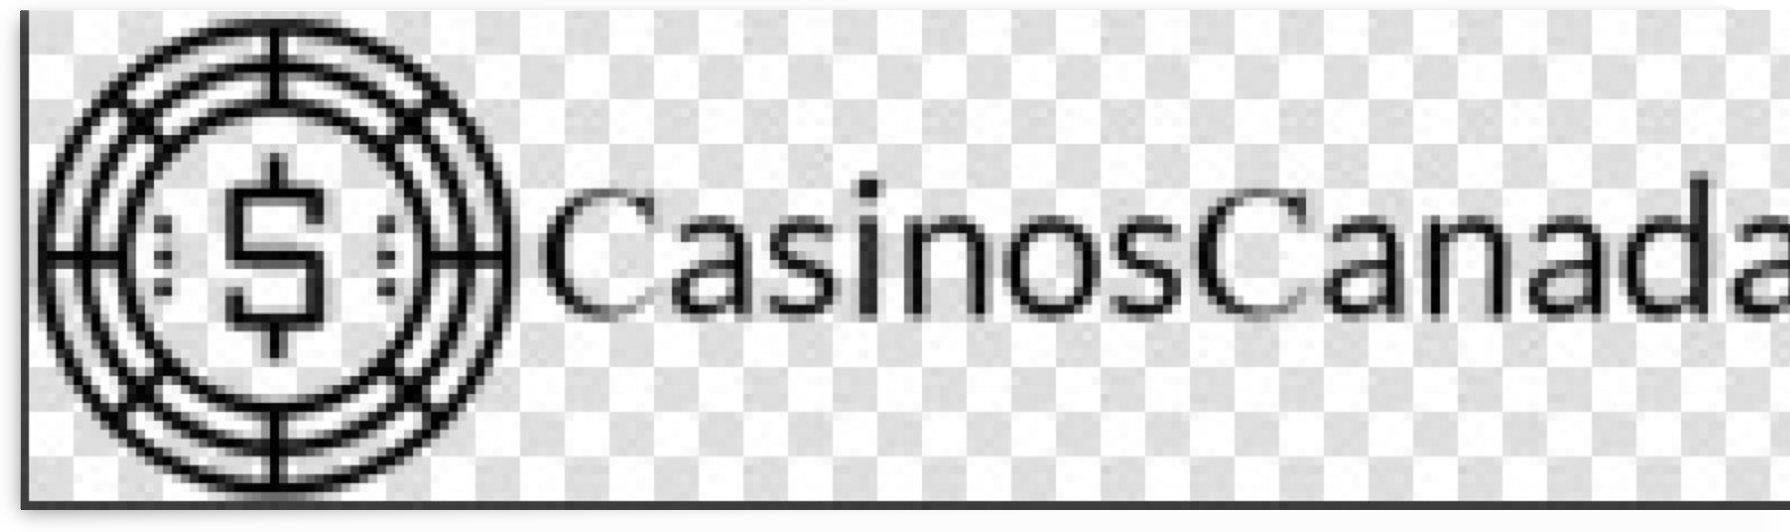 CasinosCanadaReviews by CasinosCanadaReviews